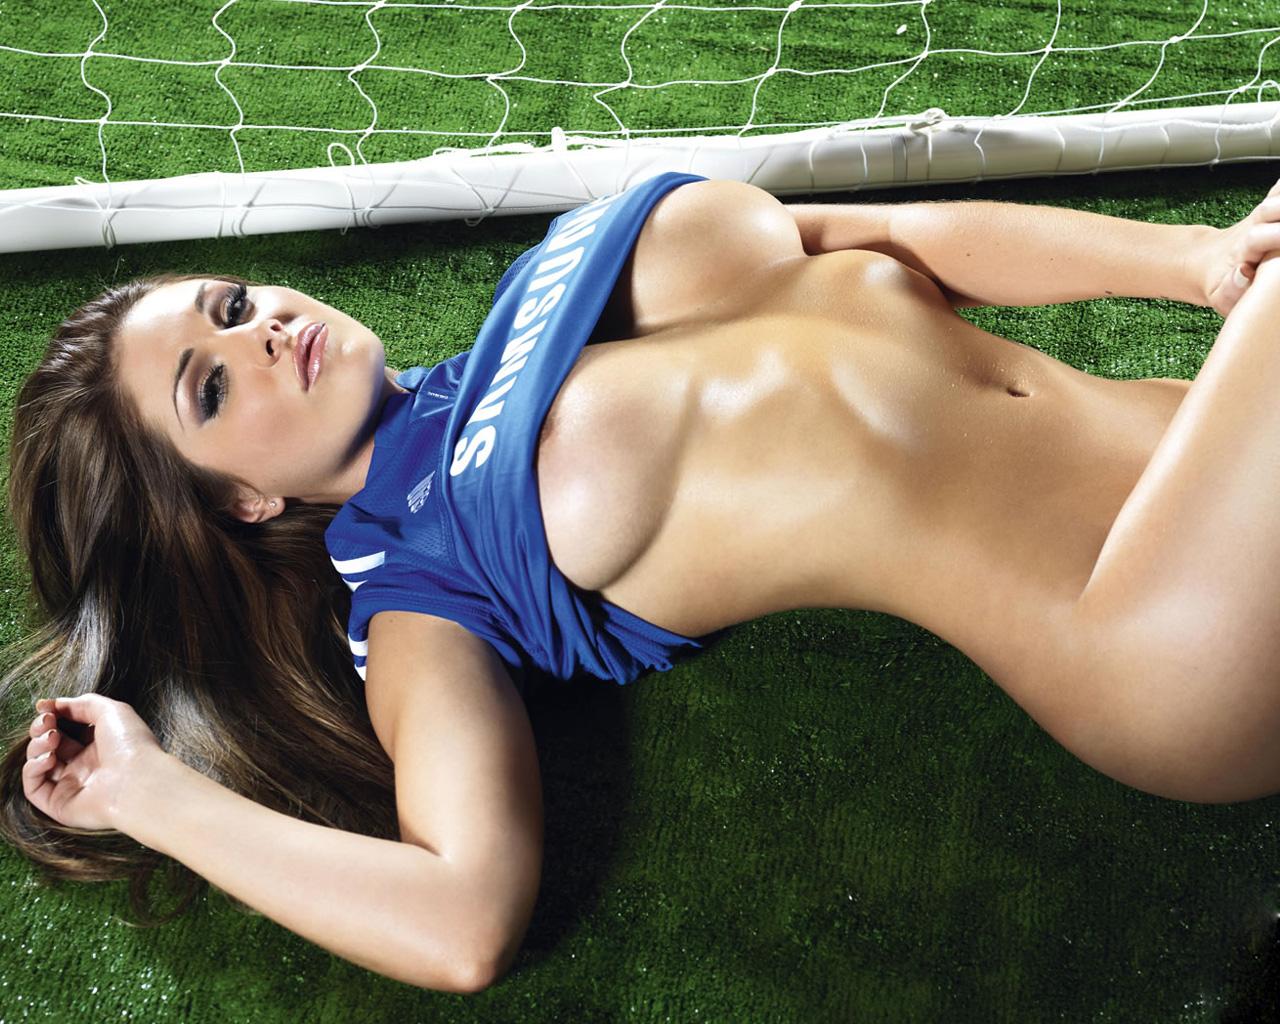 Футболистка сняла футболку обменялась 10 фотография